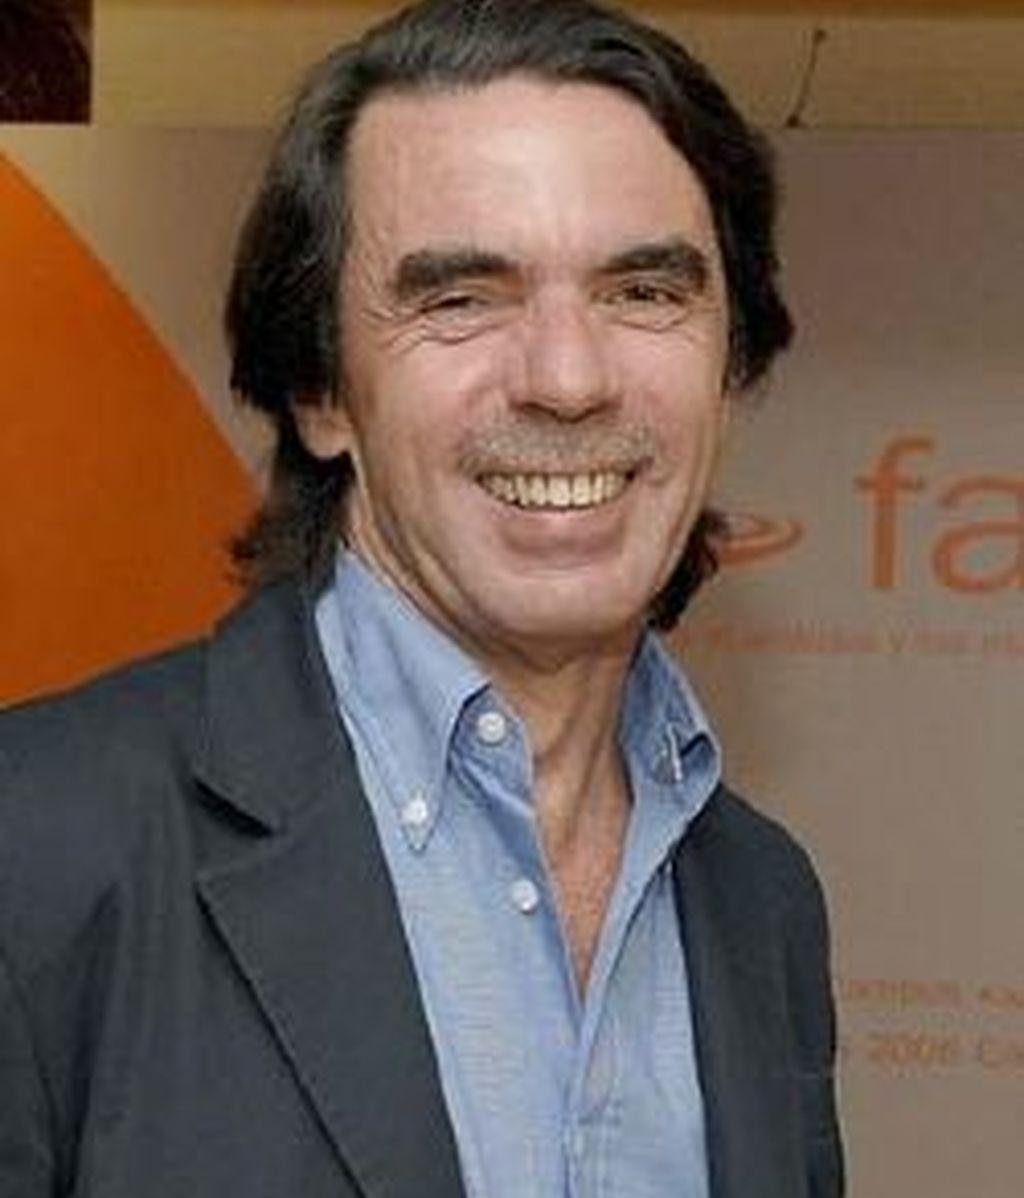 Aznar asegura que se malinterpretaron sus palabras. Foto: EFE